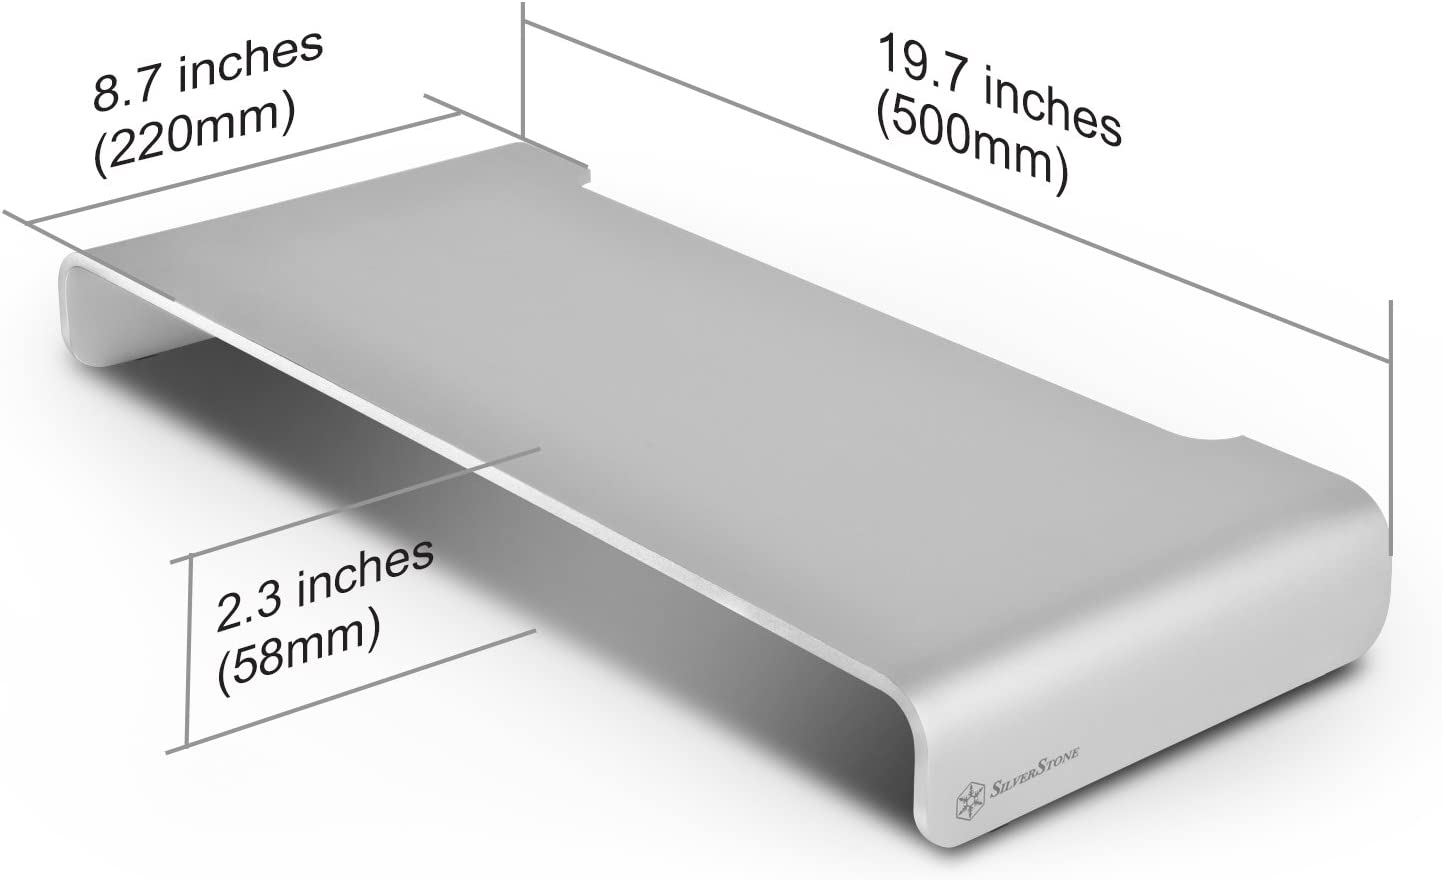 Silverstone Sst Mr01s Ergonomischer Aluminium Computer Zubehör